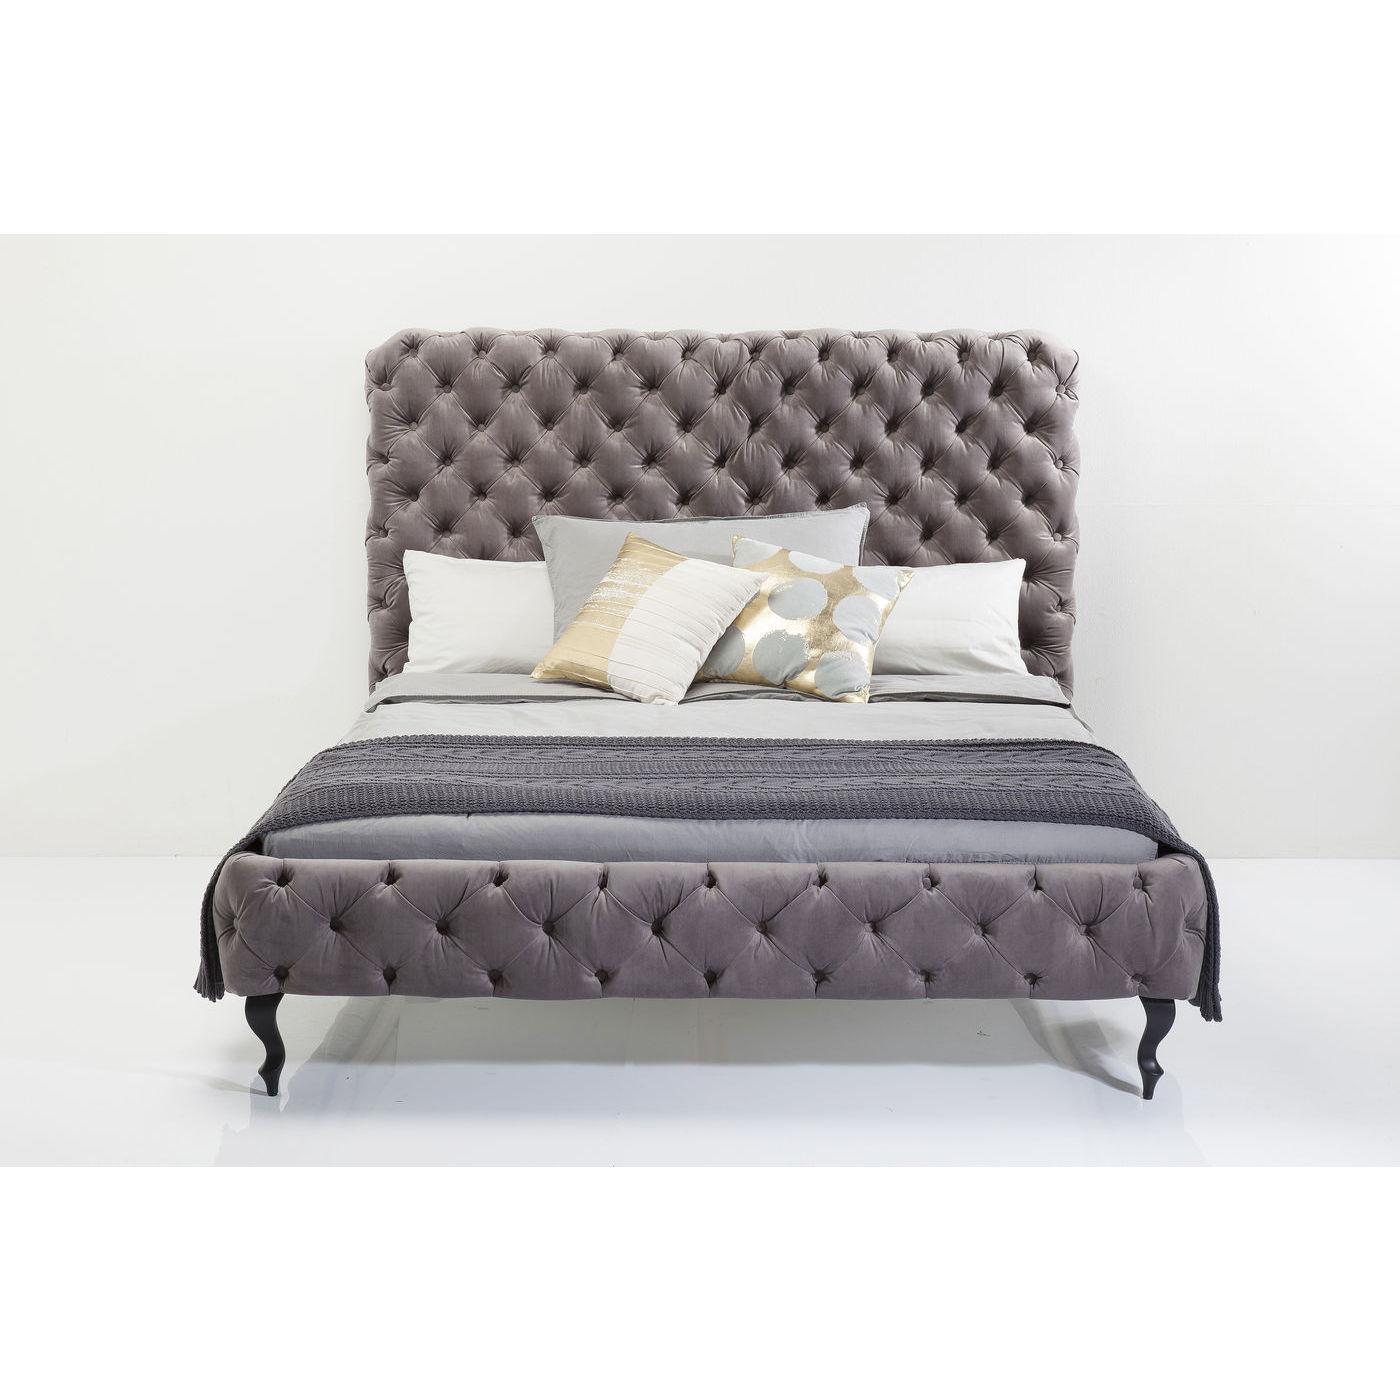 Kare design desire silver grey high sengeramme - grå polyester/massiv bøg (180x200) fra kare design fra boboonline.dk